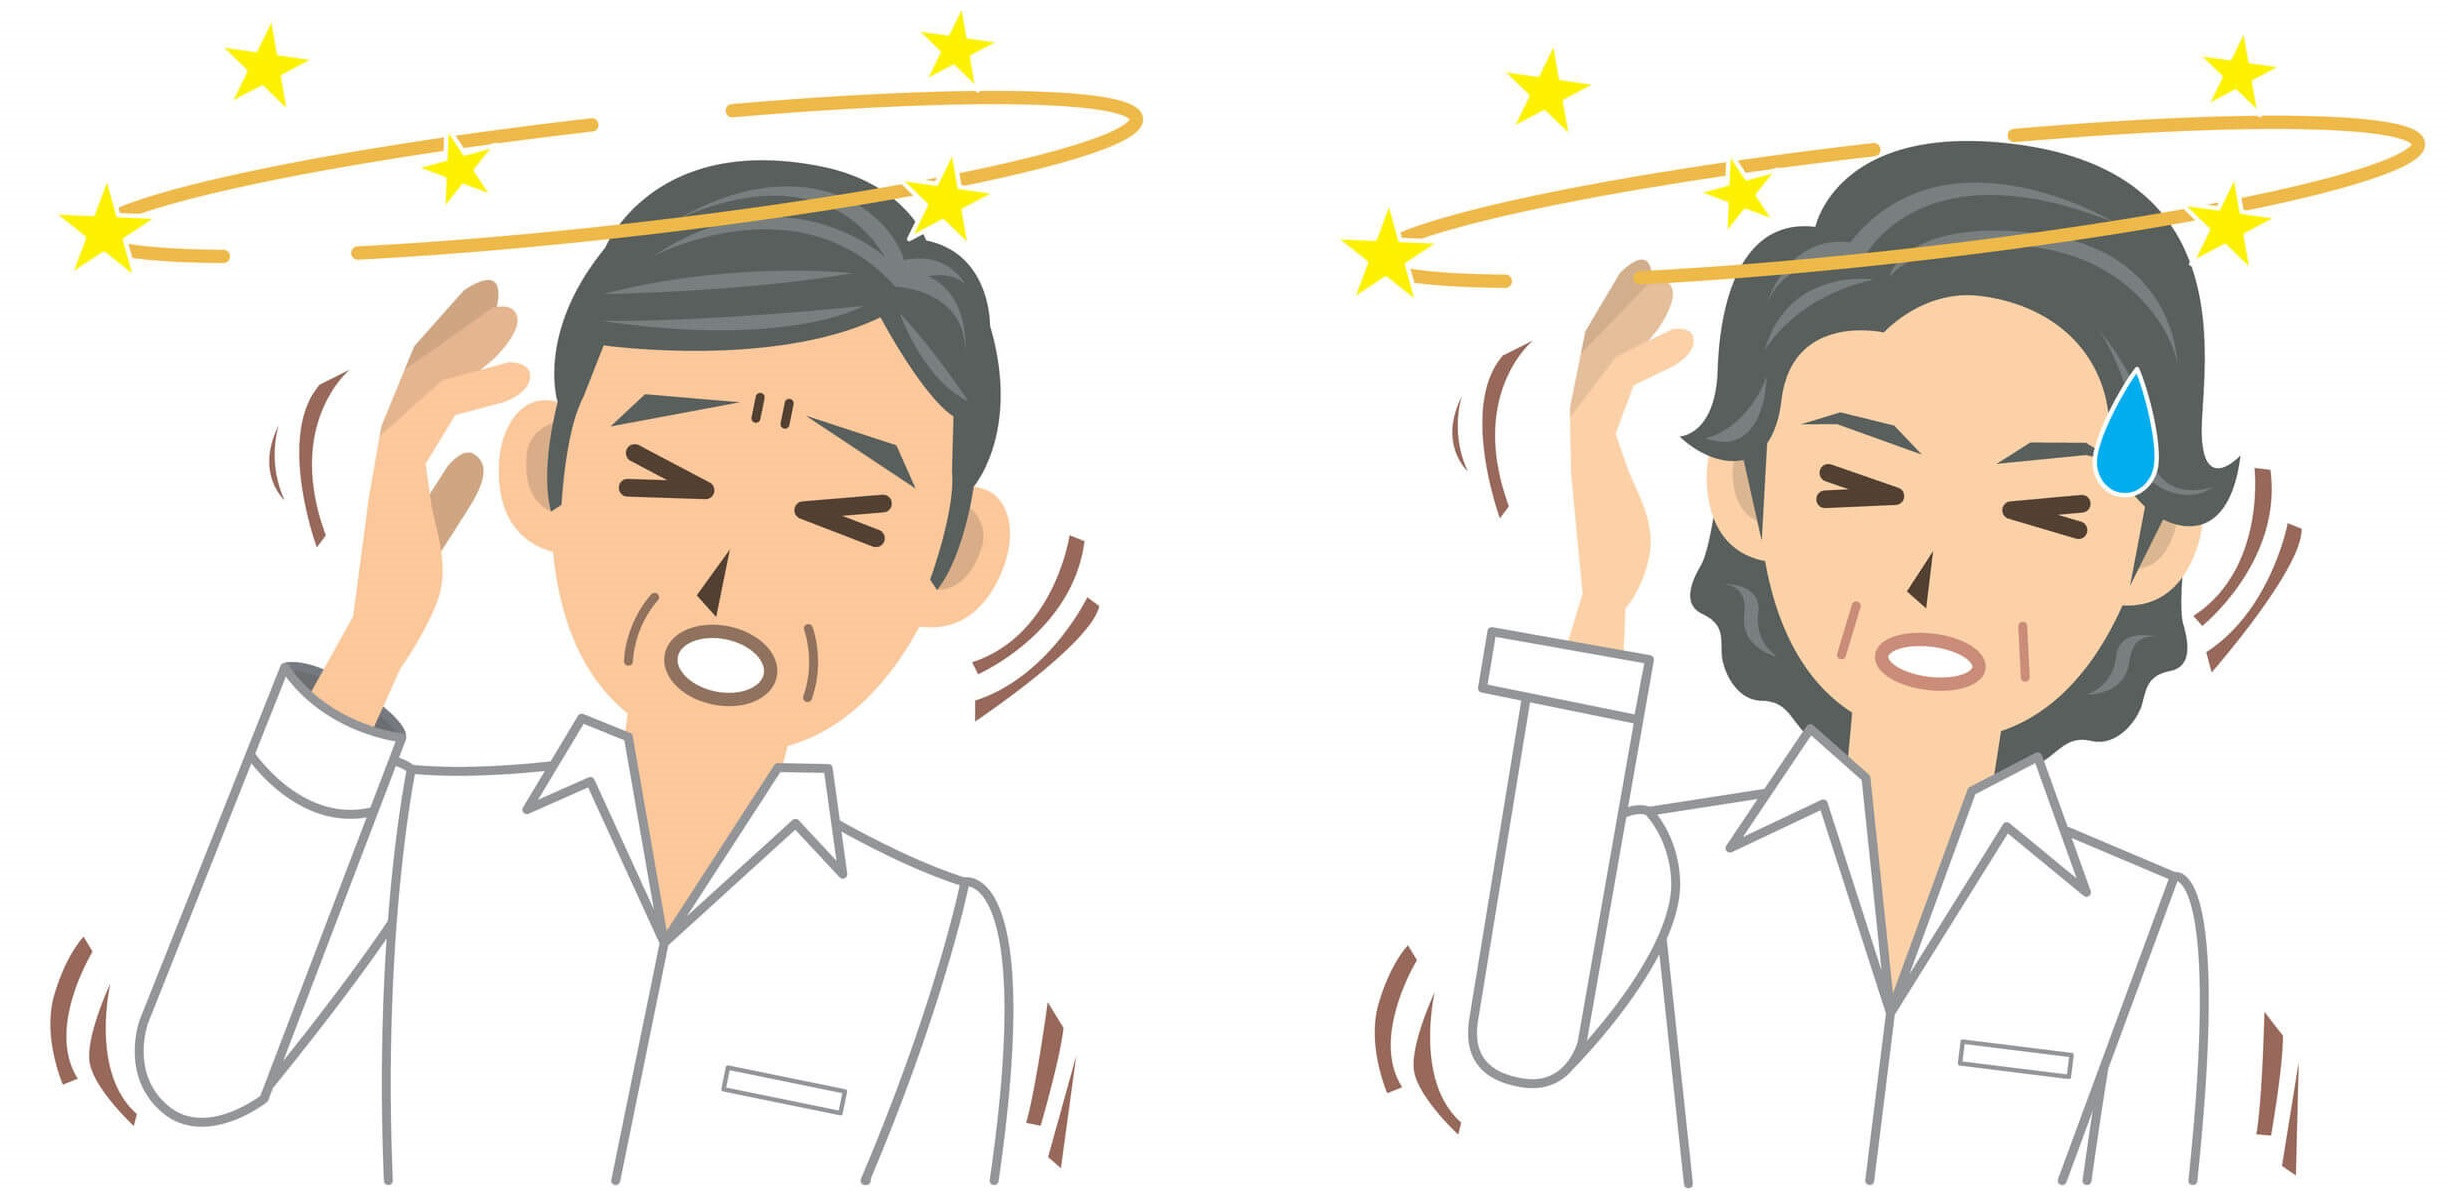 発作 性 症 原因 頭 ストレス めまい 良性 位